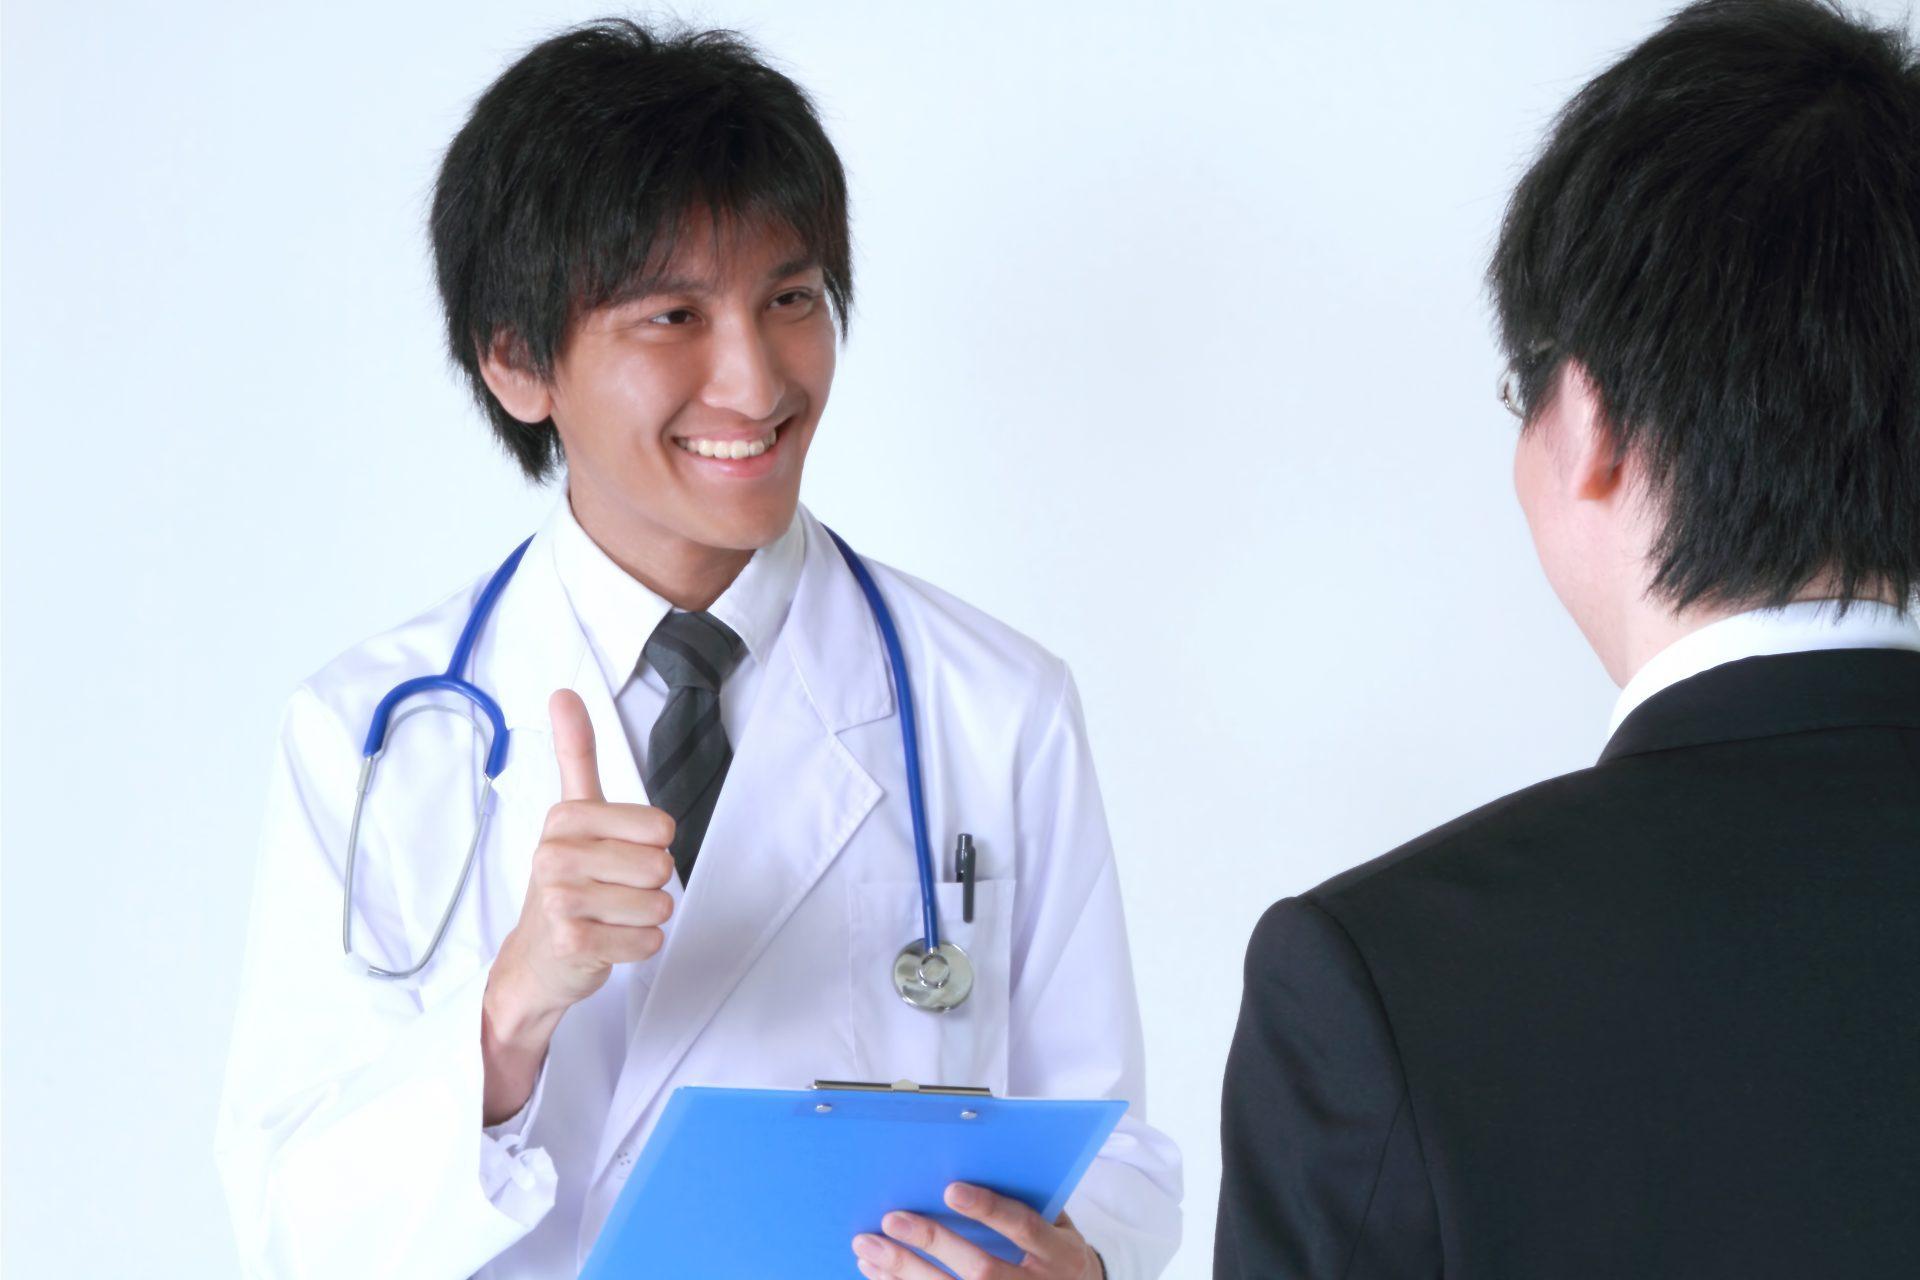 医師,人事評価,給与,評価基準,失敗,無意味,公正,納得,項目,研修,セミナー,リーダー,育成,養成,意味,高い,職種 ,連携,評価,主観,経営感覚,スタッフ,マネージャー,プレイヤー,モチベーション,低い,採用,いい人材,人財育成, どうすれば,クレーム対応,部下,凹みやすい